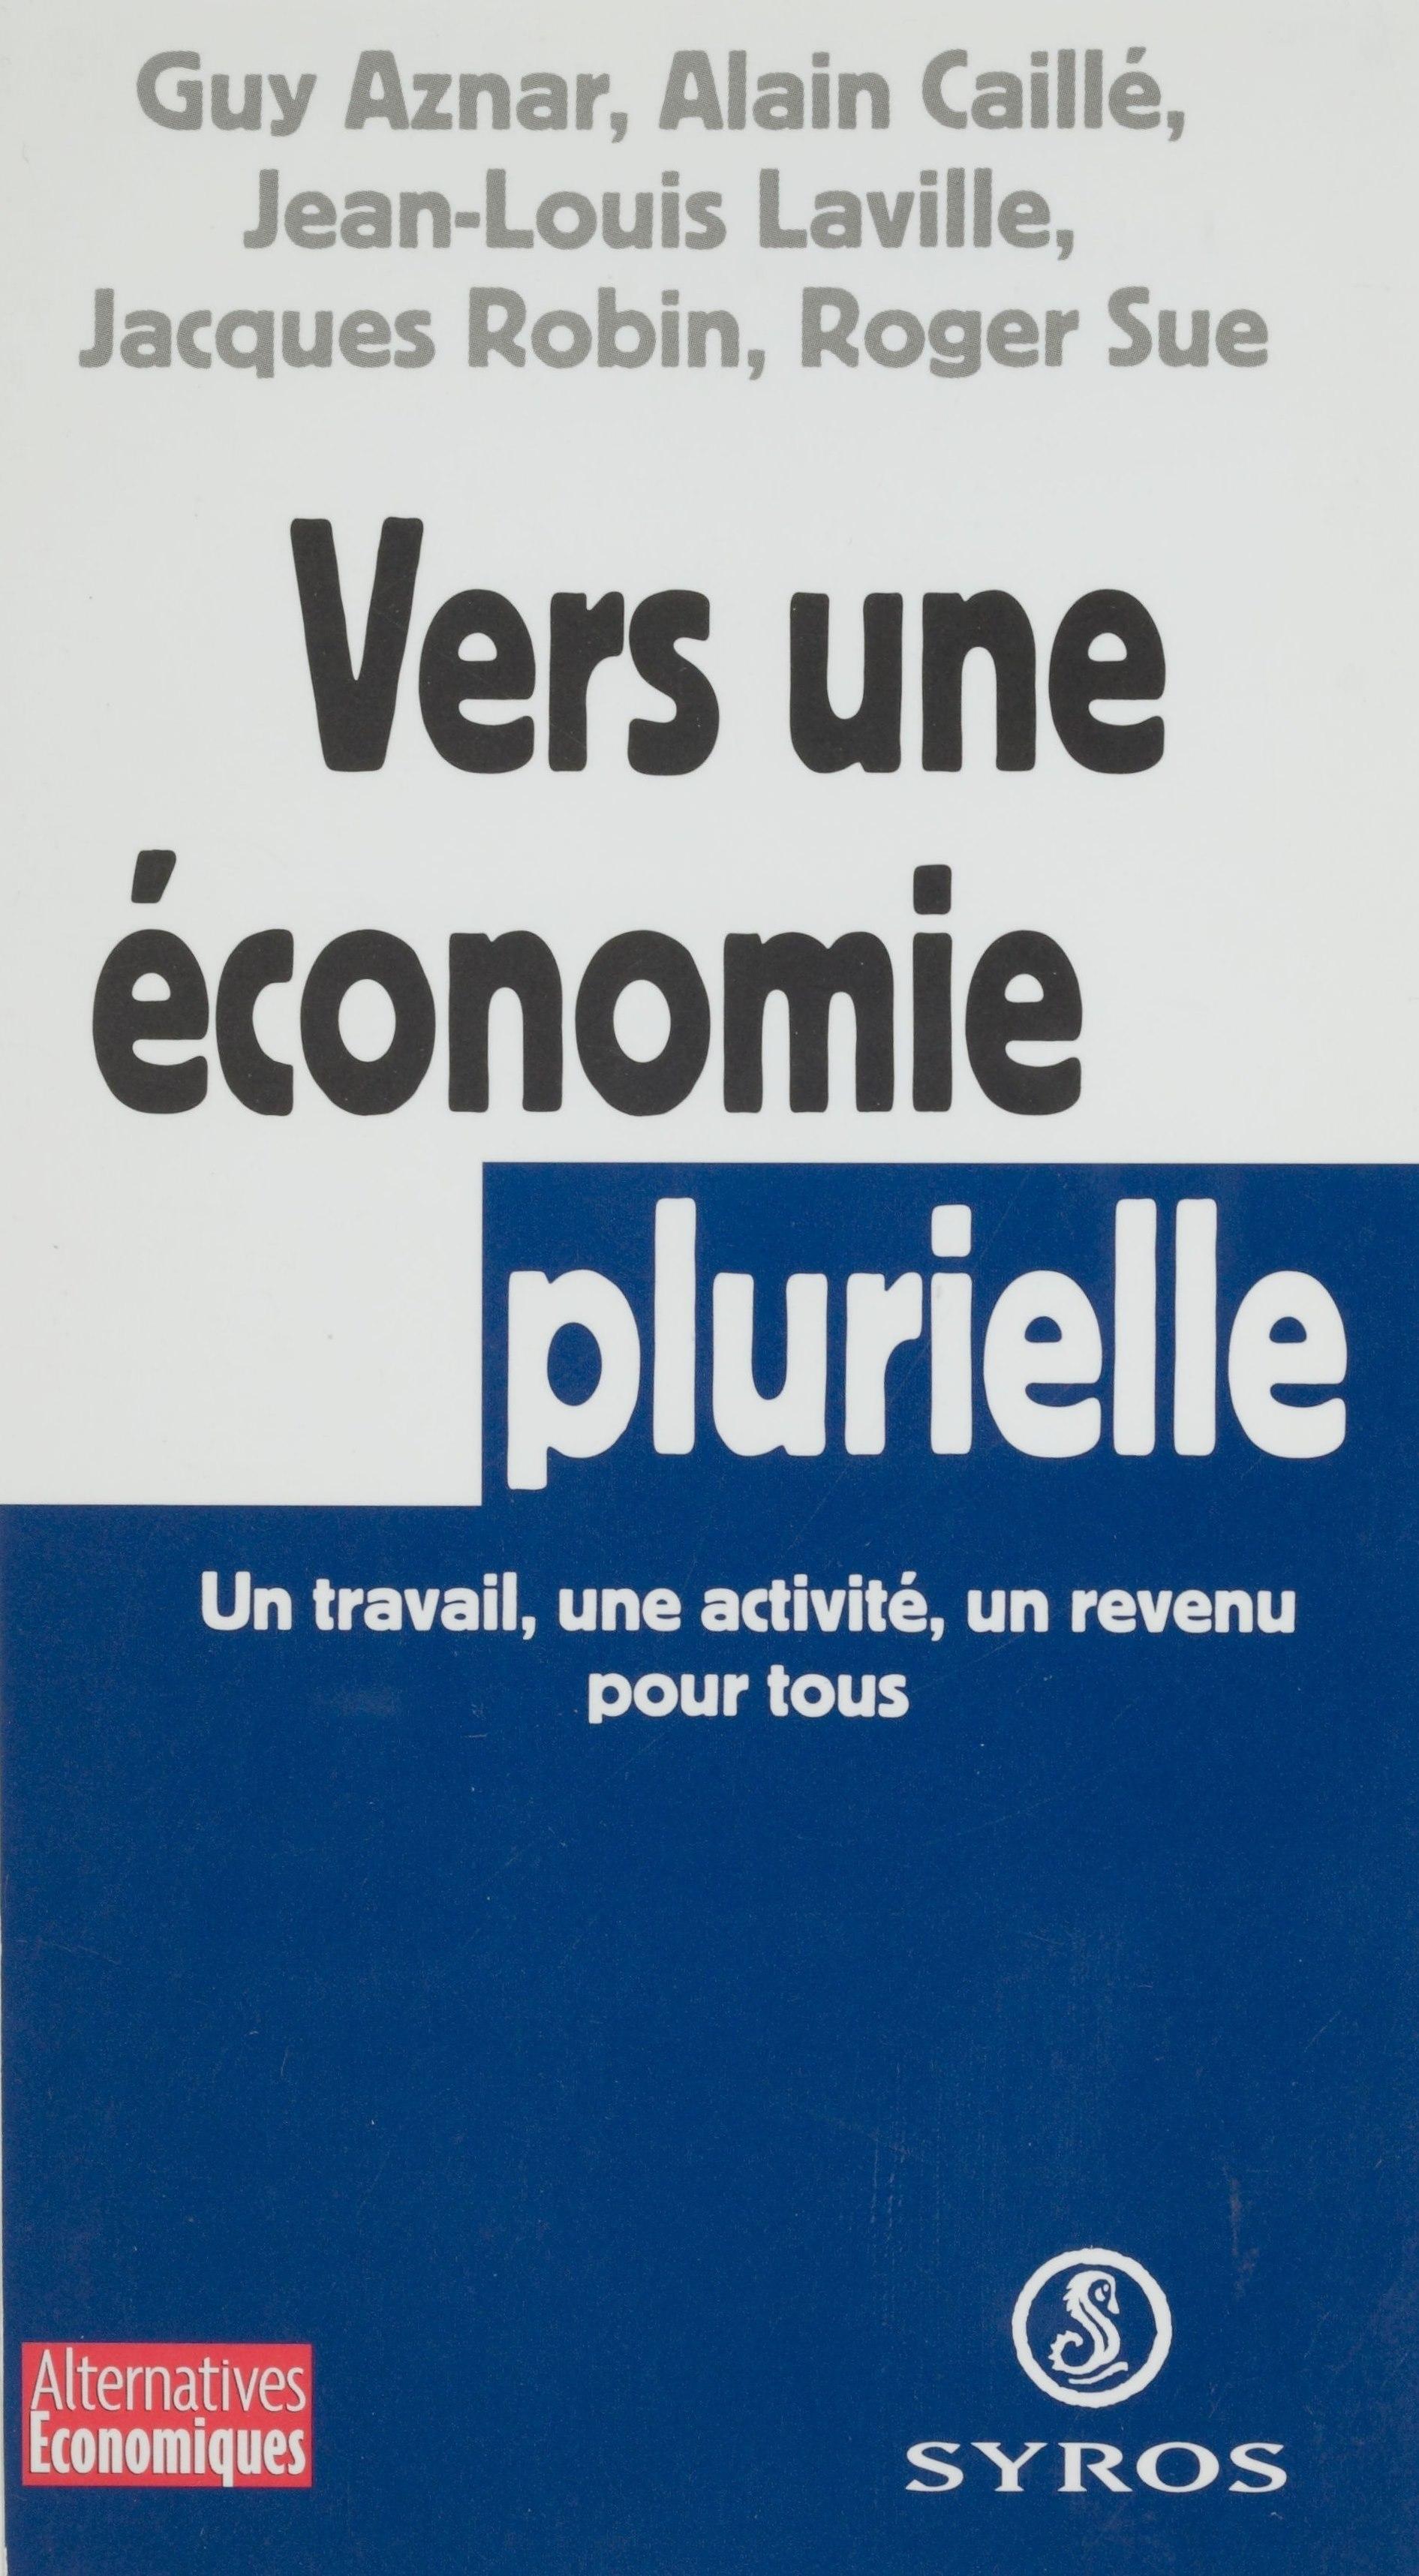 Vers une économie plurielle, Un travail, une activité, un revenu pour tous